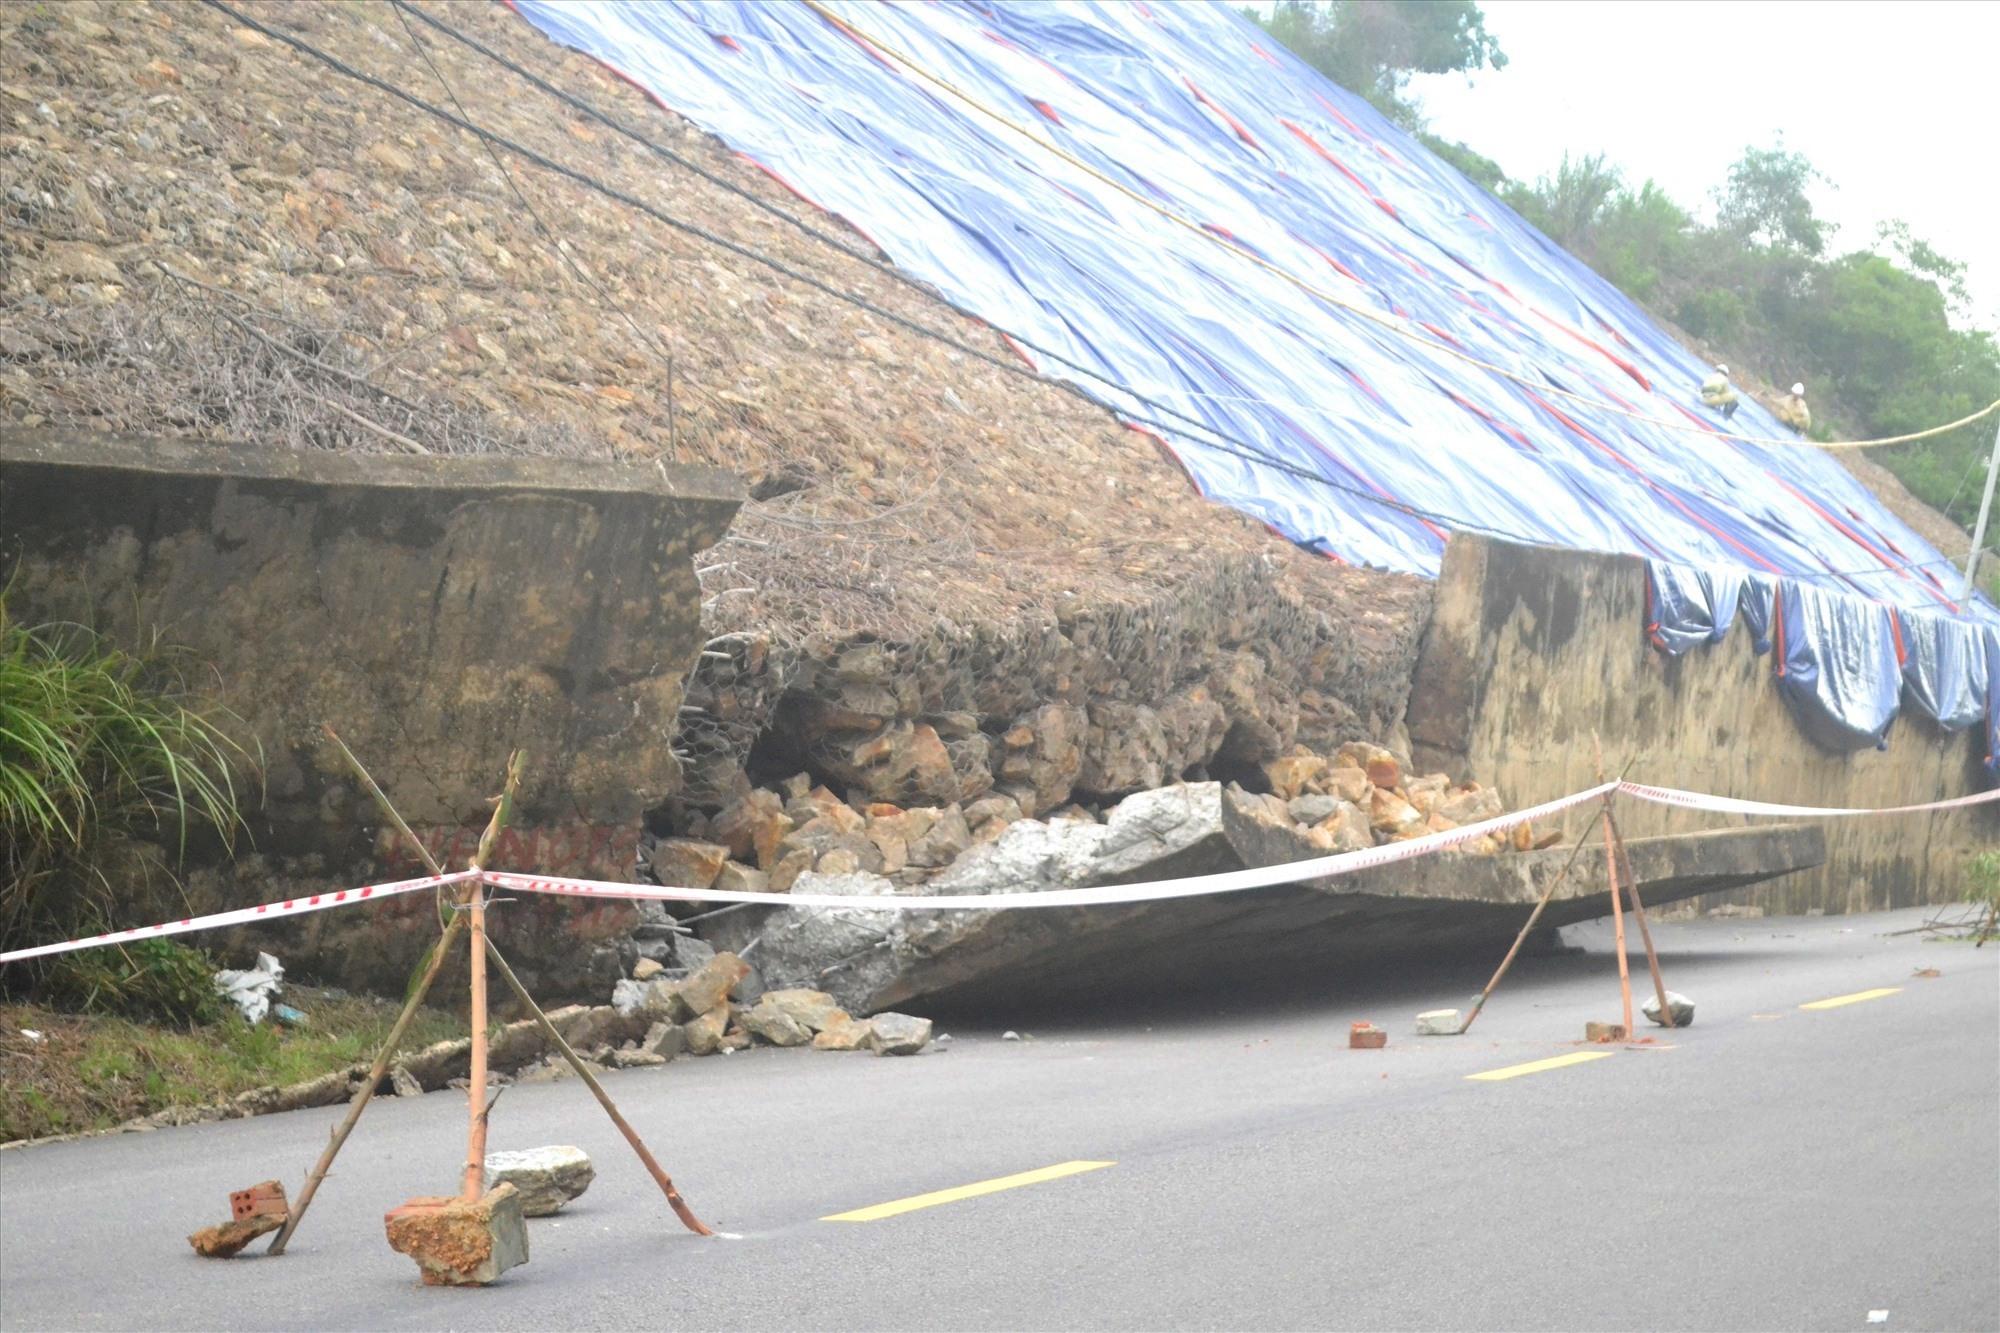 Tường chắn và mái taluy đường tại lý trình km44+900 của QL14B bị ngã đổ. Ảnh: CT